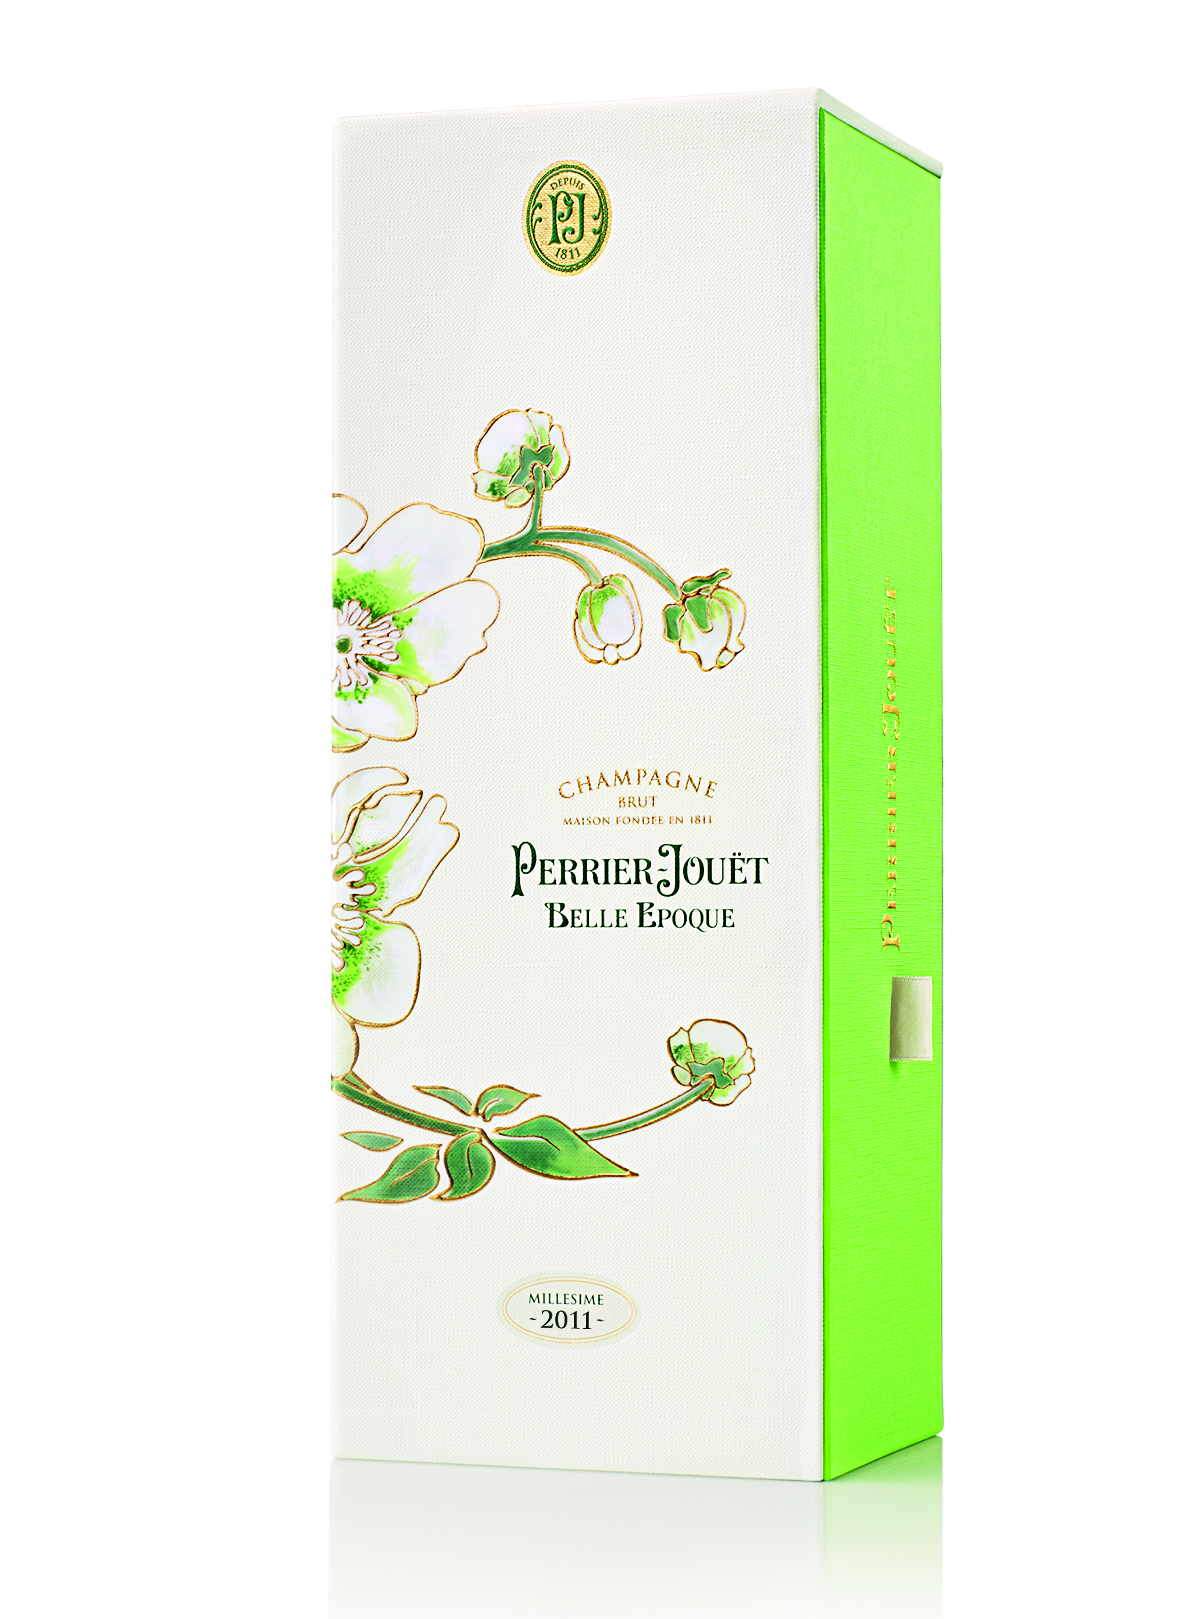 perrierjouet packaging.png